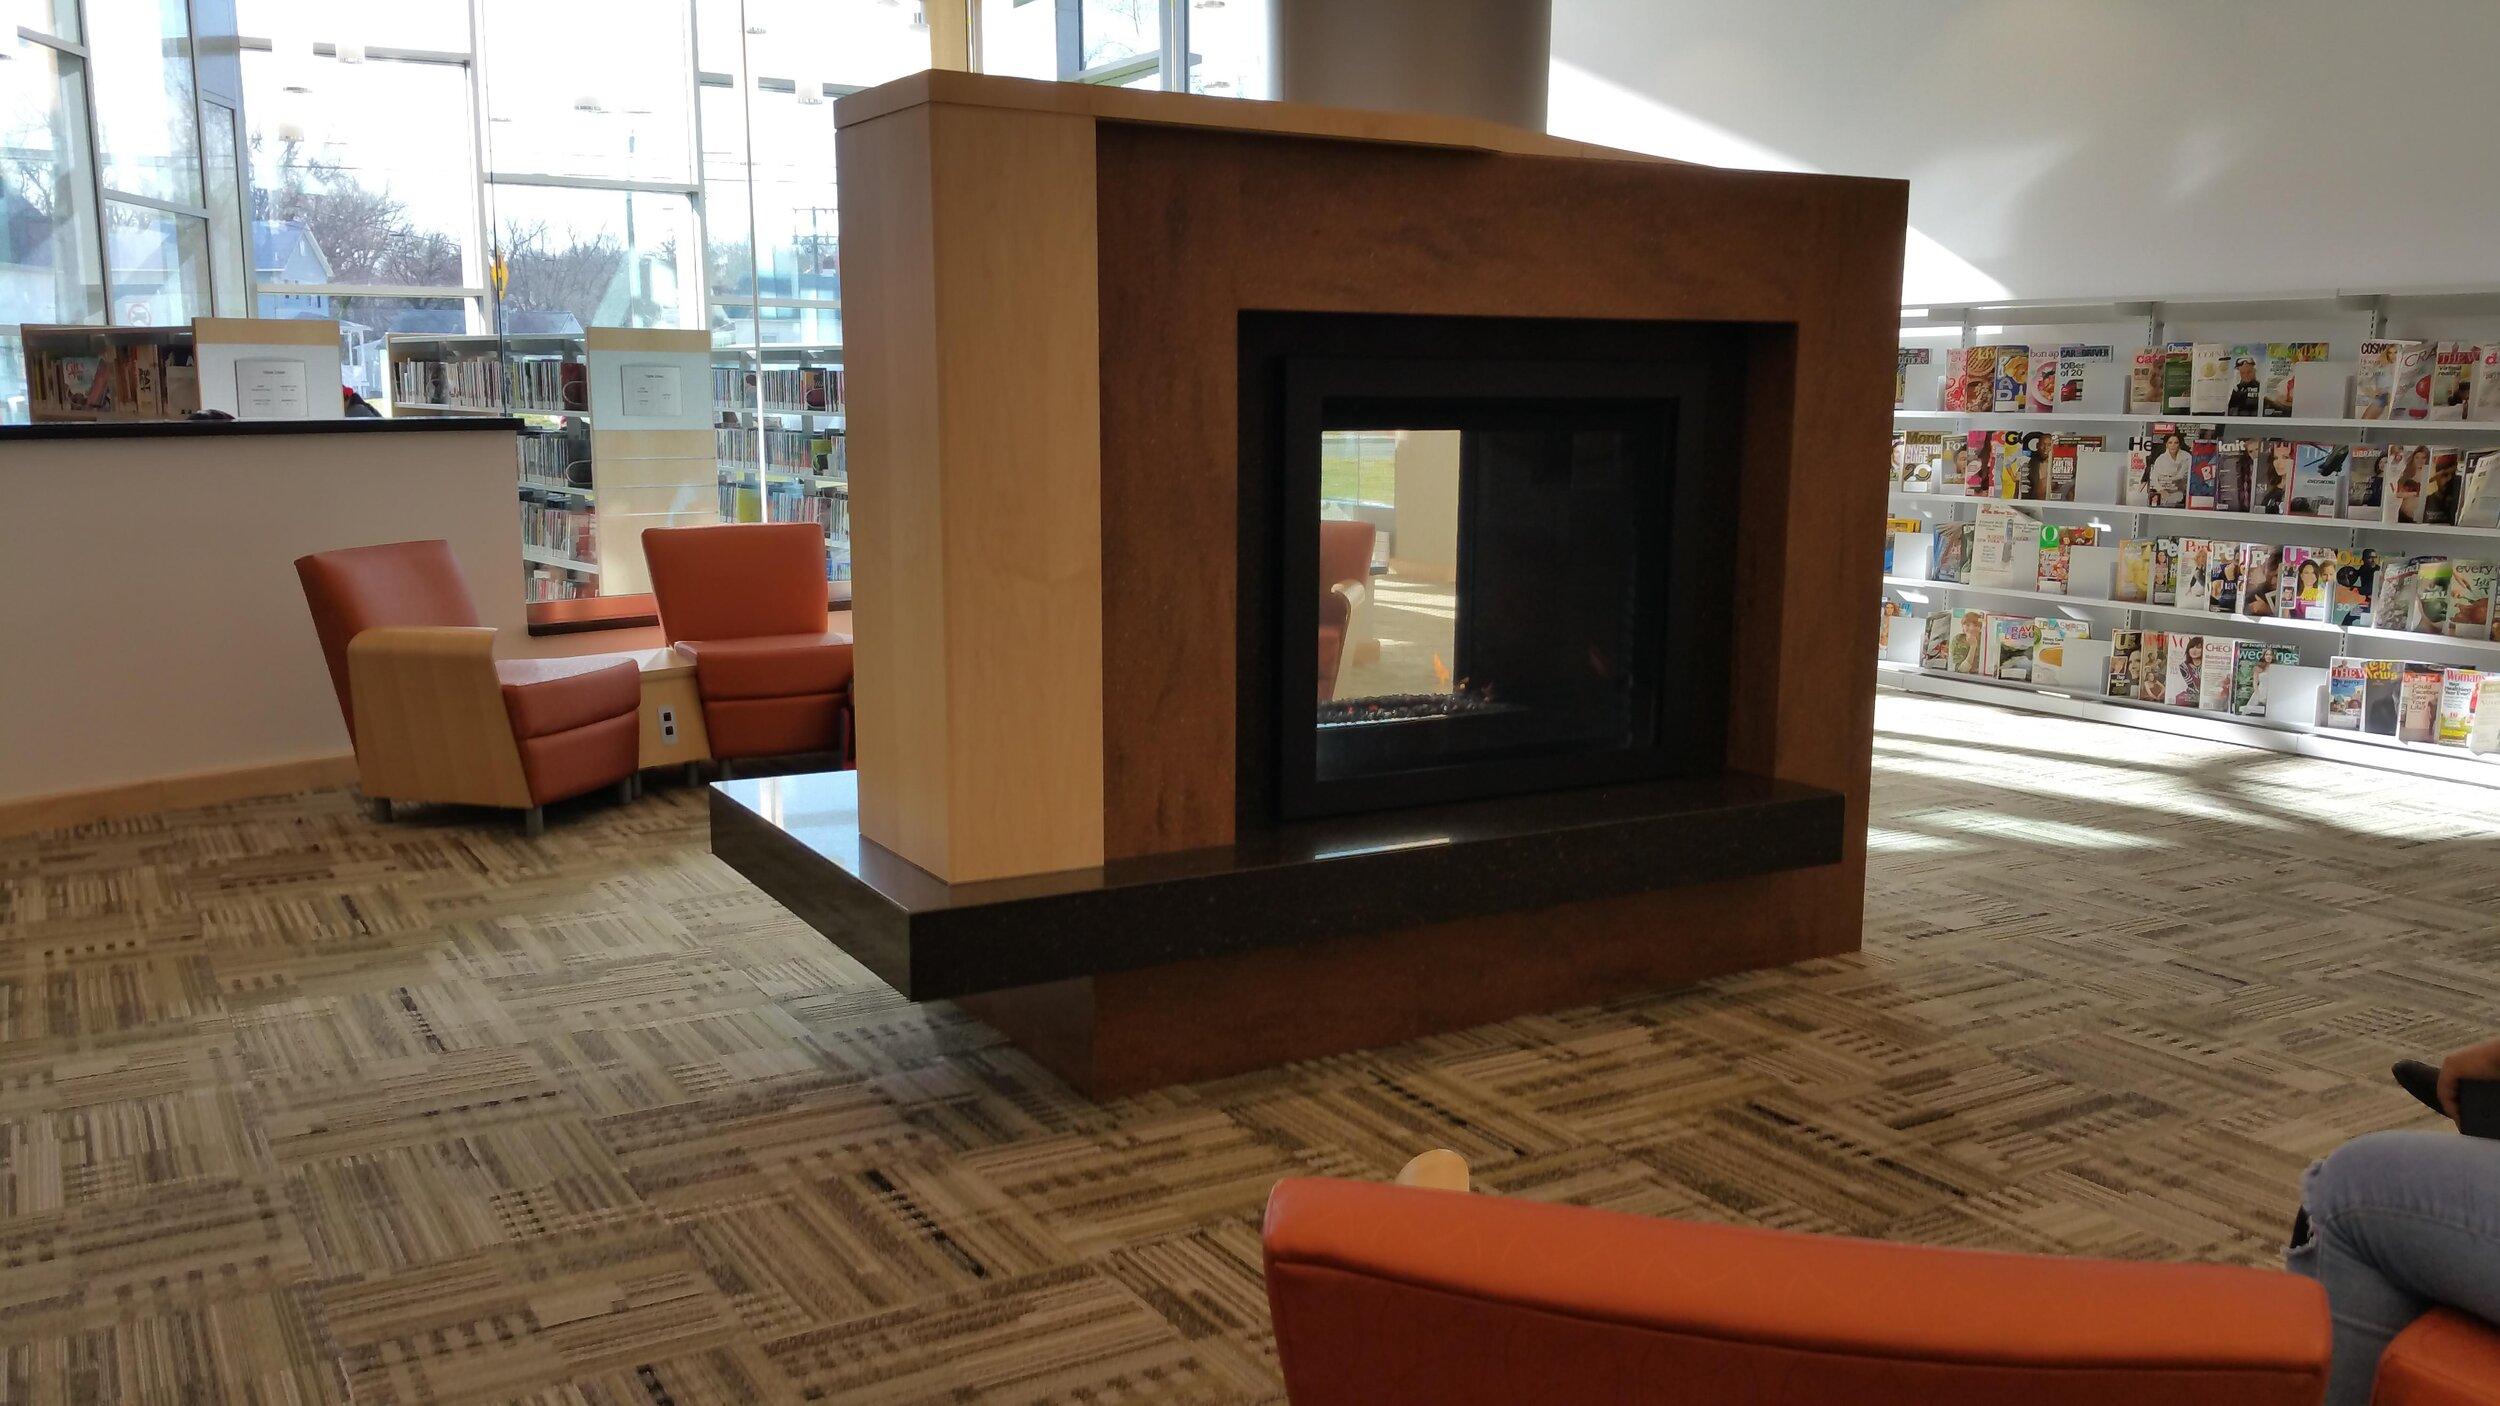 2017-03-08 Laurel Library-155016.jpg